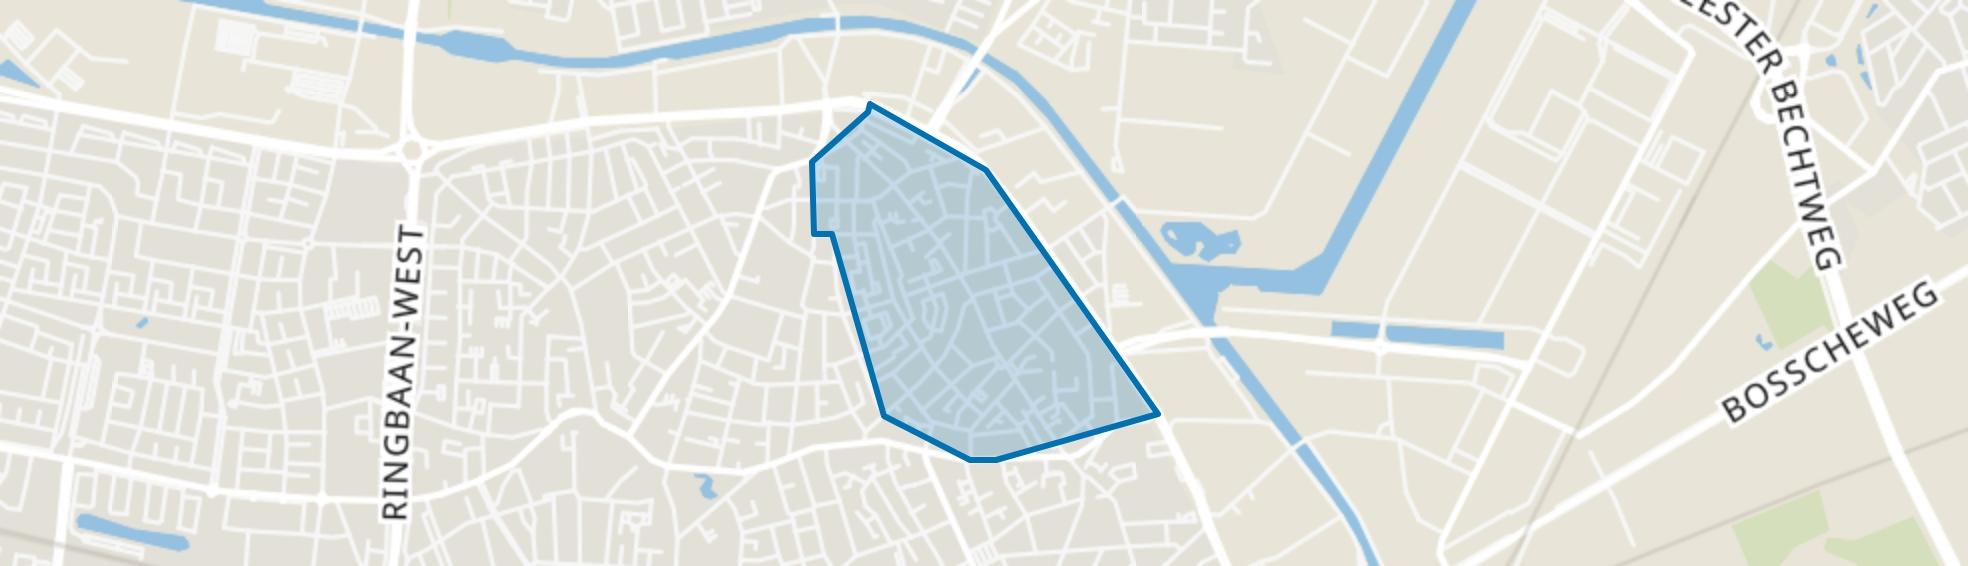 Groeseind-Hoefstraat, Tilburg map